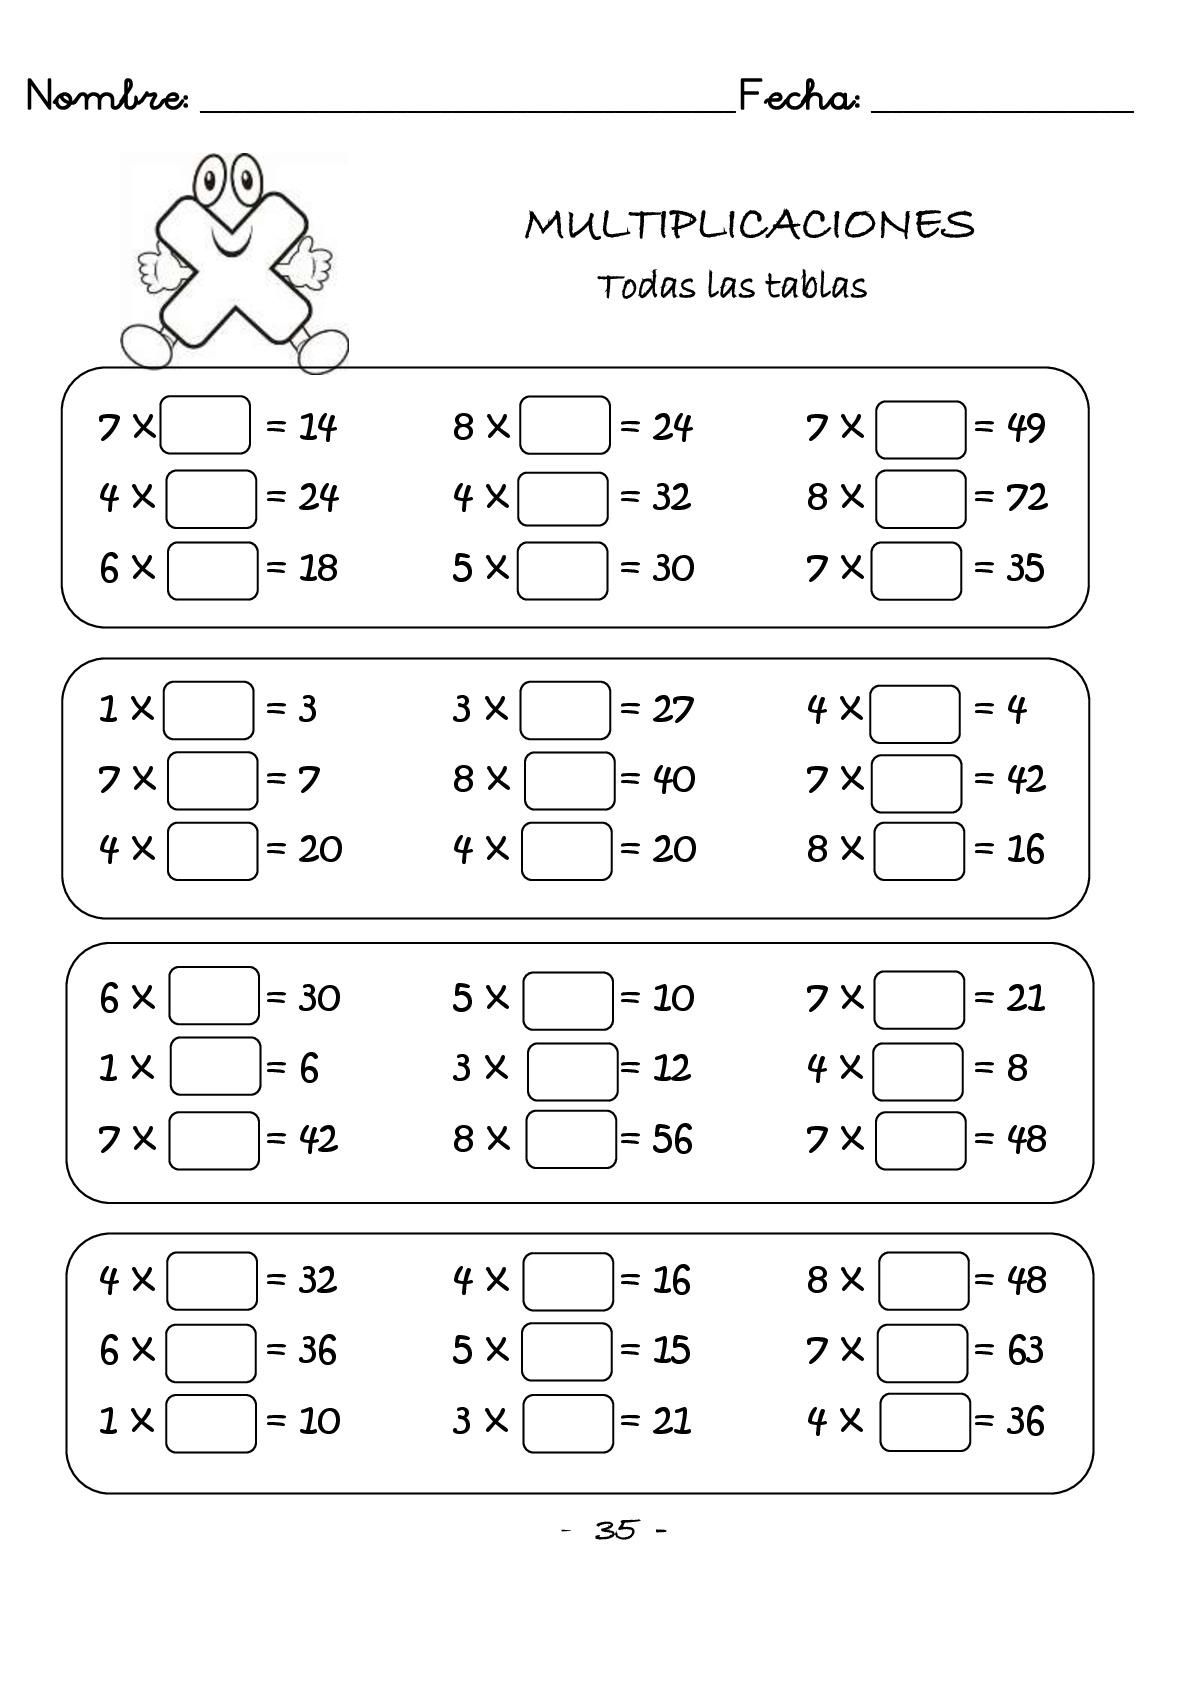 multiplicaciones-rapidas-una-cifra-protegido-036